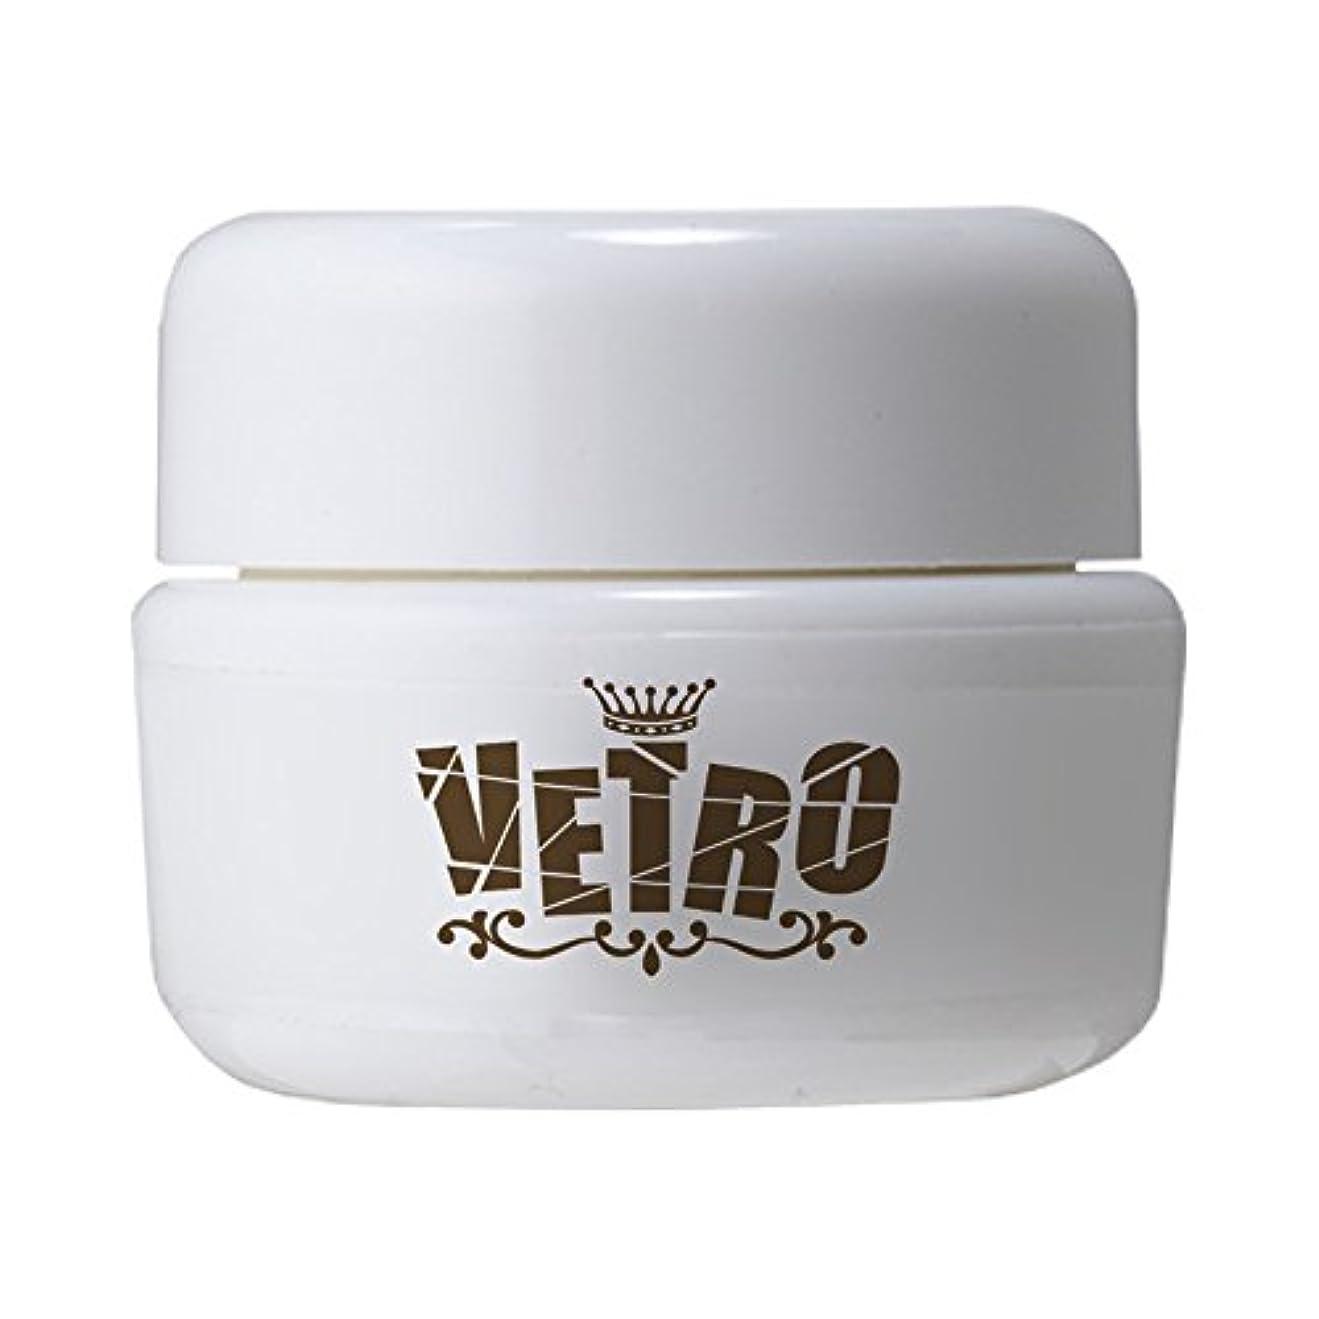 地元過半数細部VETRO No.19 カラージェル マット VL067 リップス 4ml